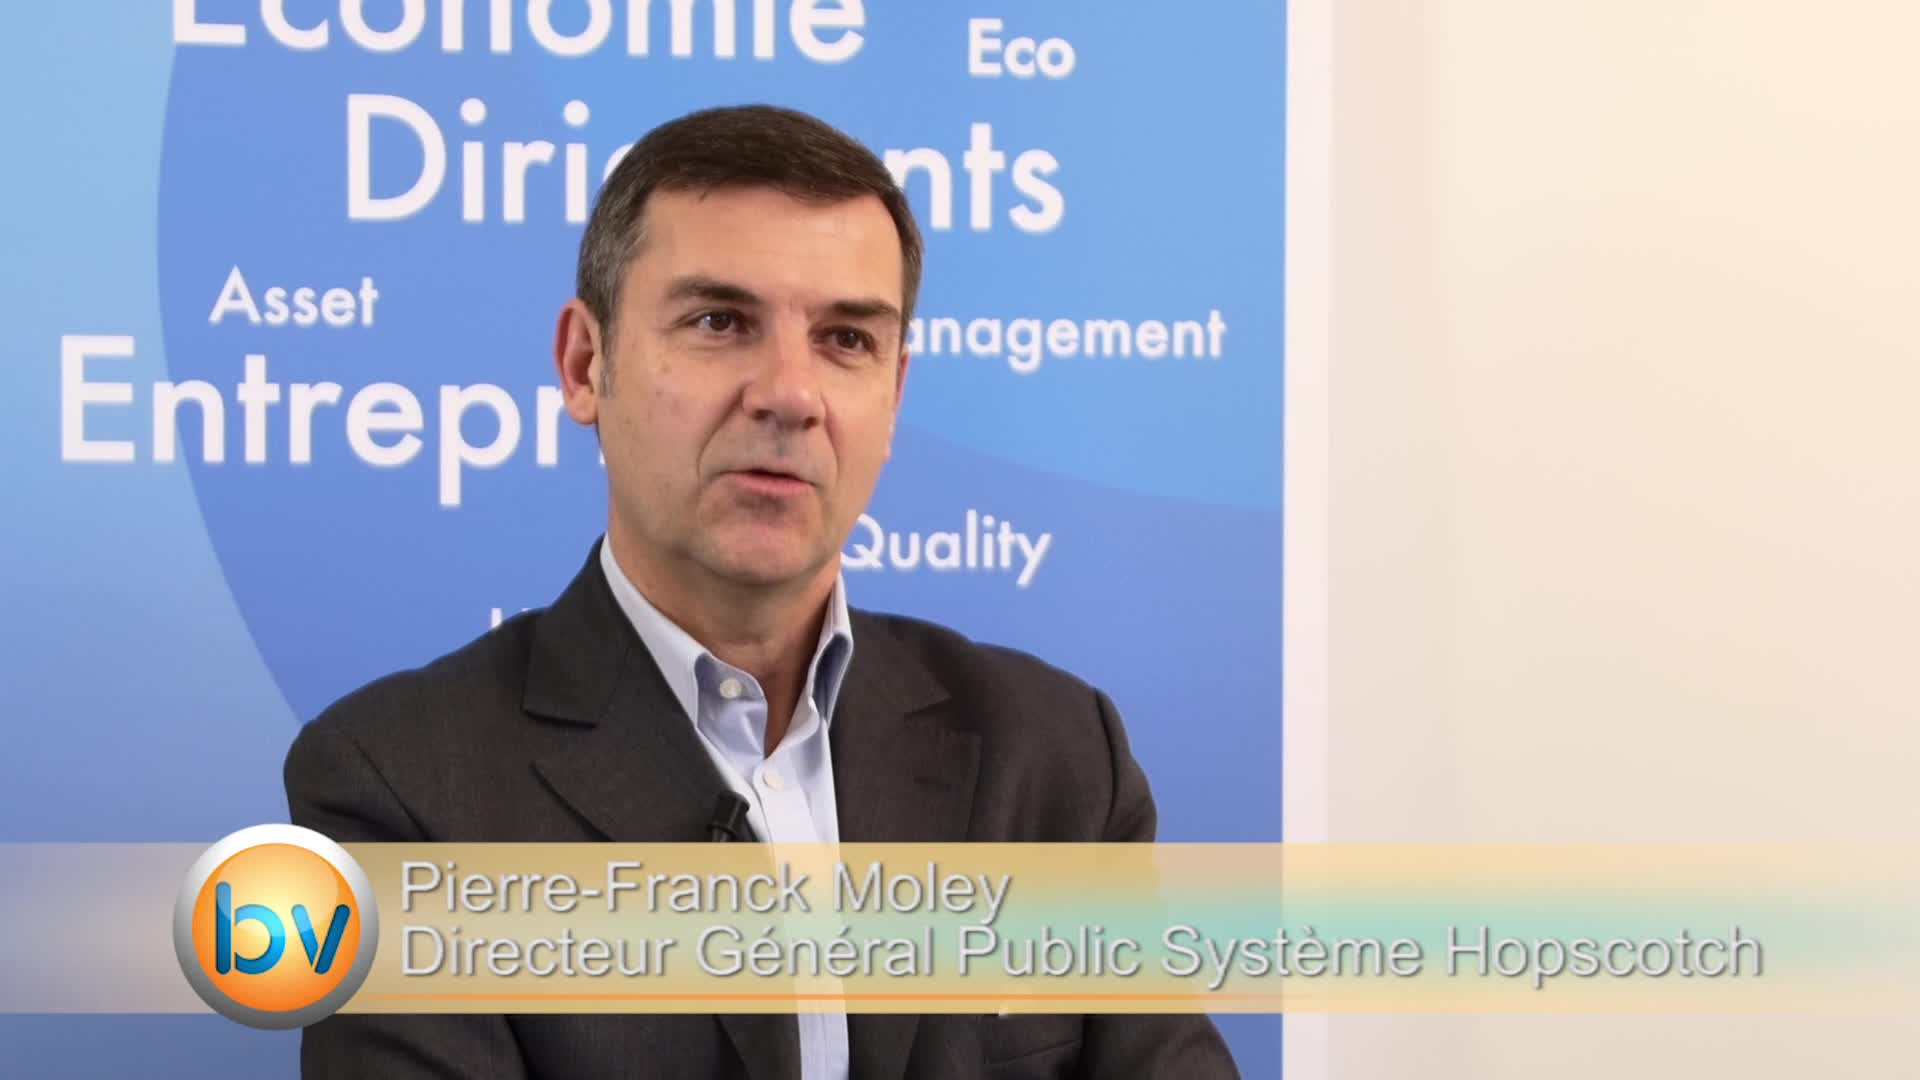 Pierre-Franck Moley Directeur Général Public Système Hopscotch : «On sent que cela repart à des degrés divers dans toute l'Europe»